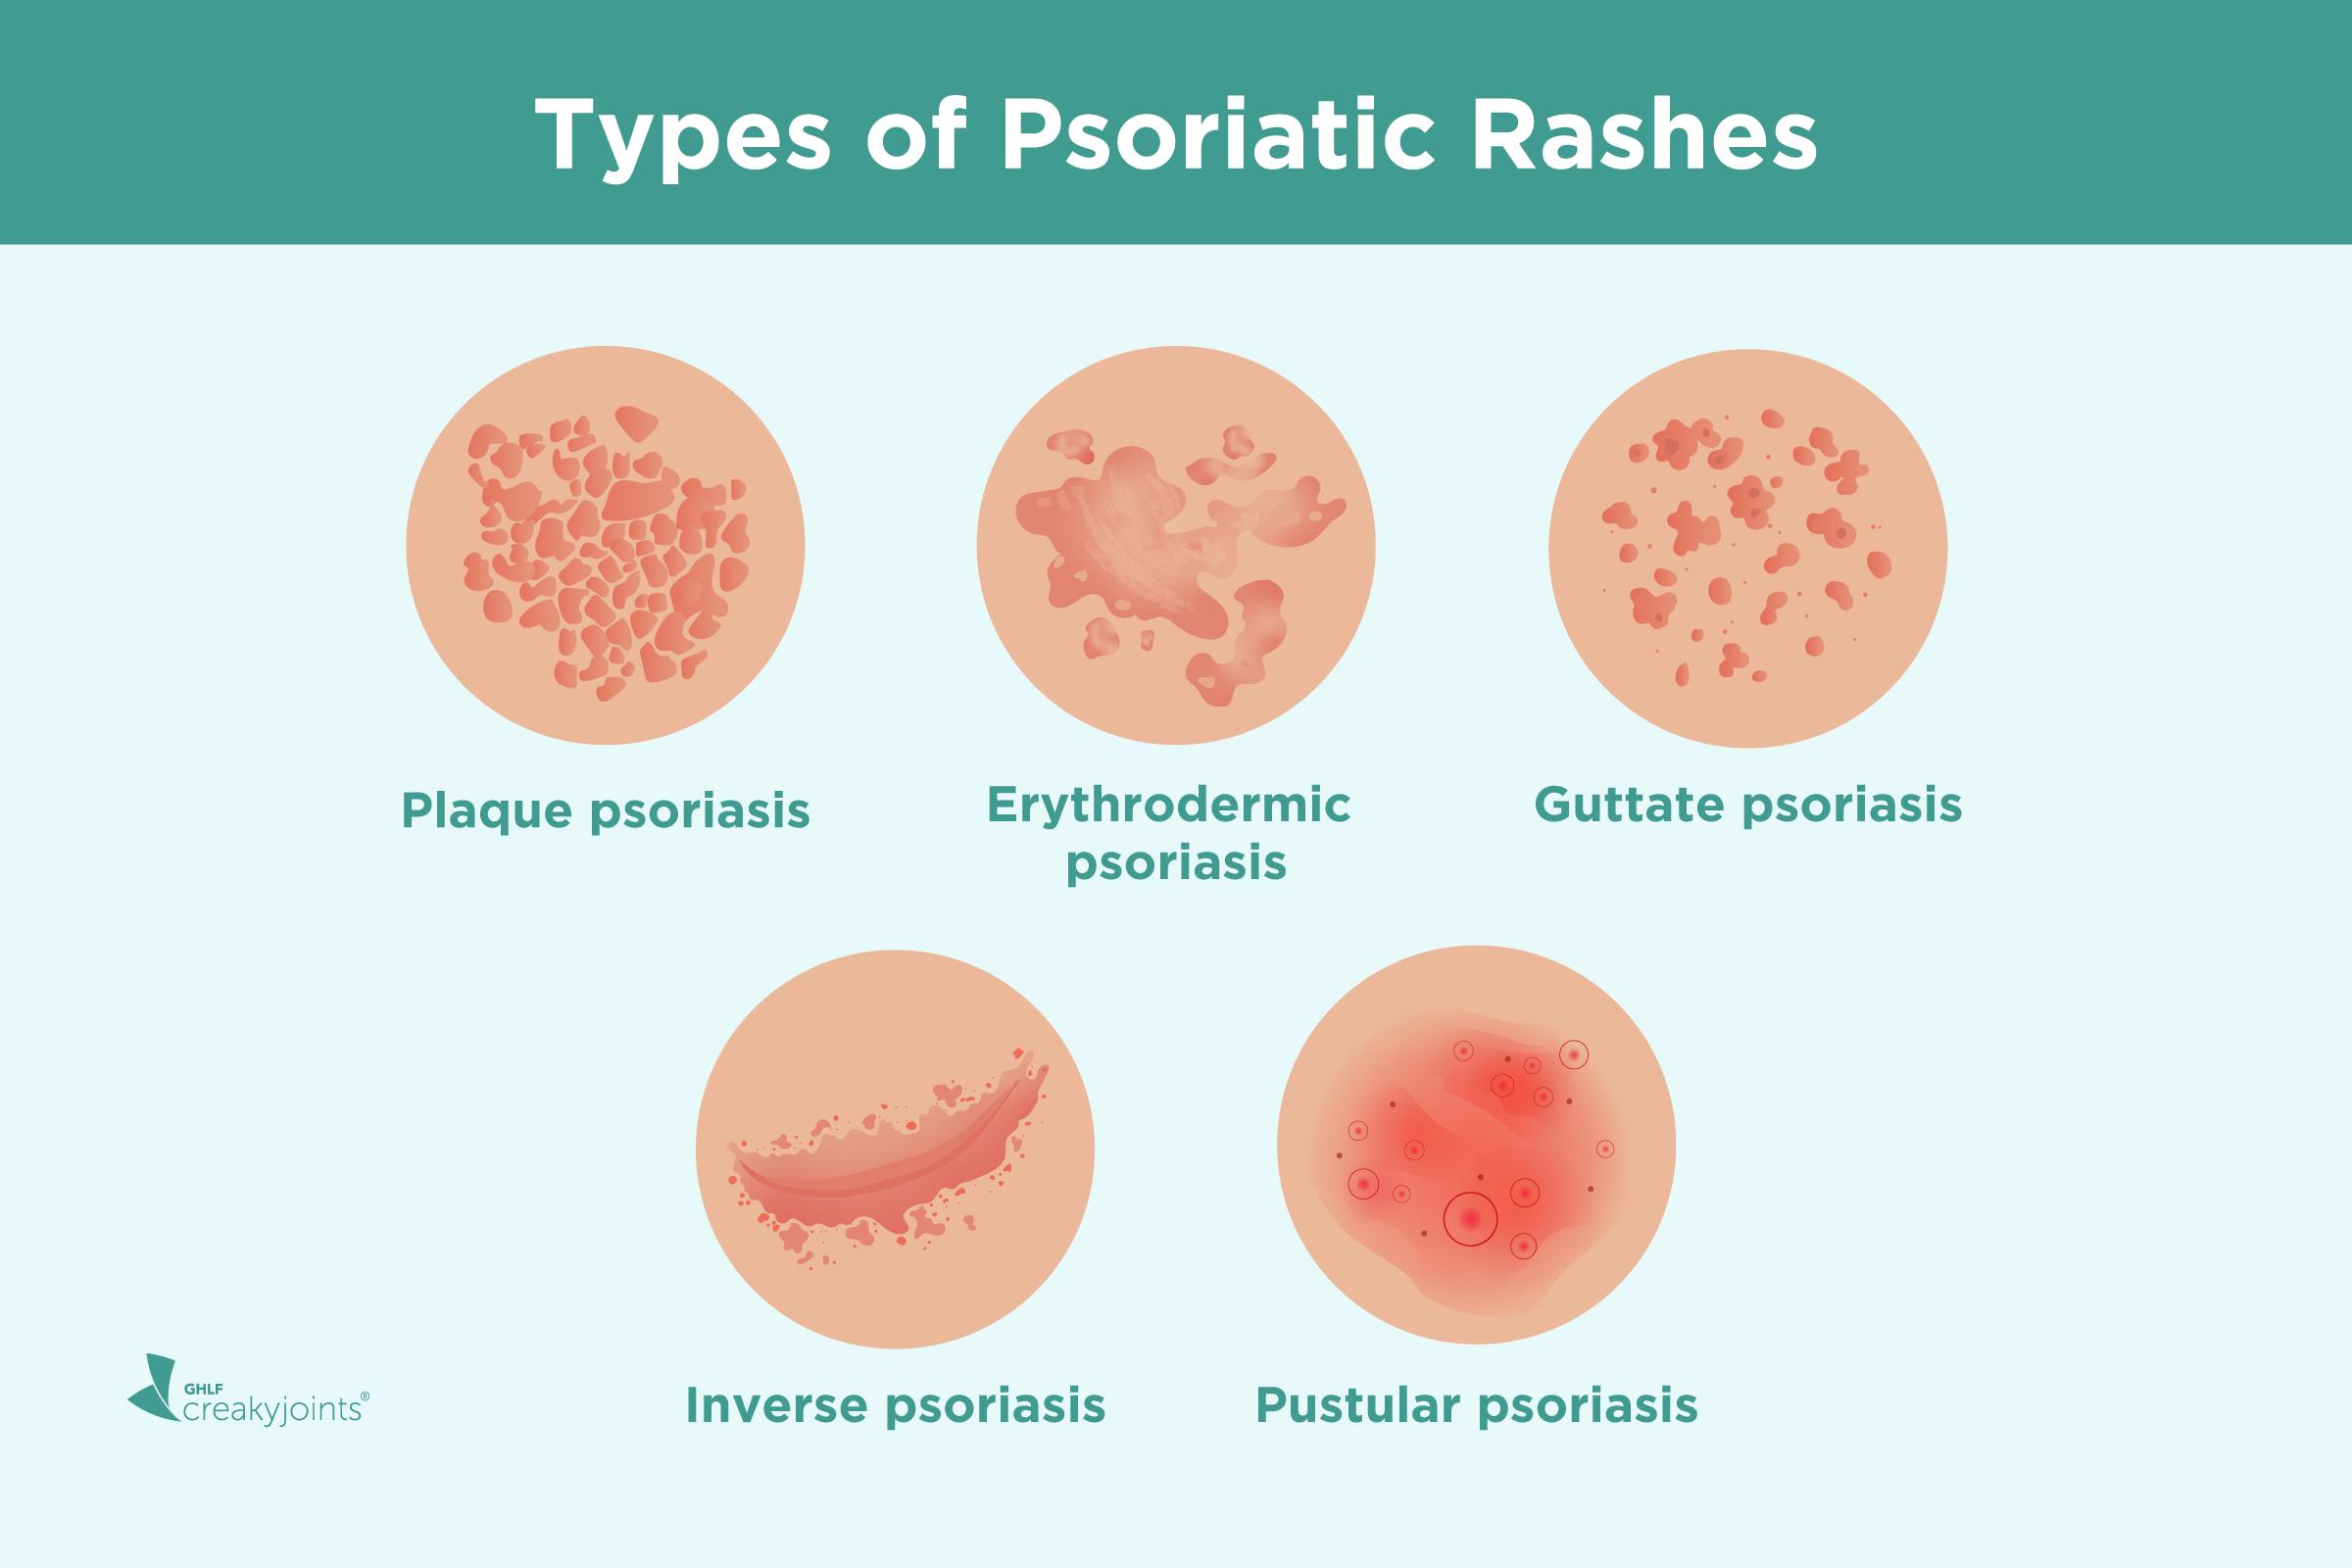 plaque psoriasis and psoriatic arthritis